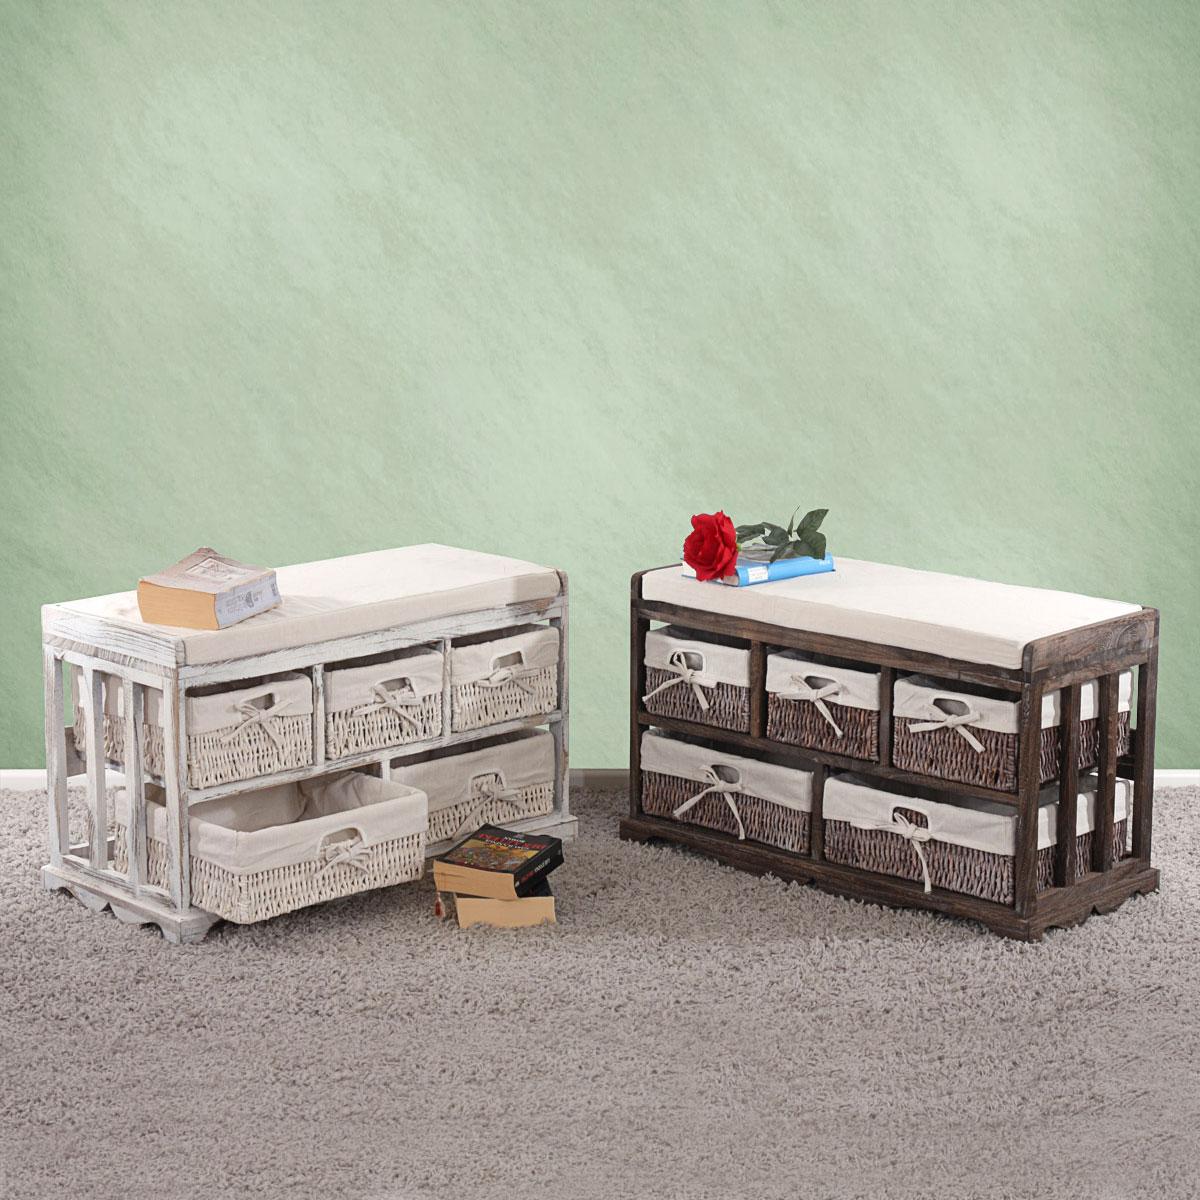 kommode sitzbank mit 5 schubladen 77x45x36cm shabby look vintage wei braun. Black Bedroom Furniture Sets. Home Design Ideas